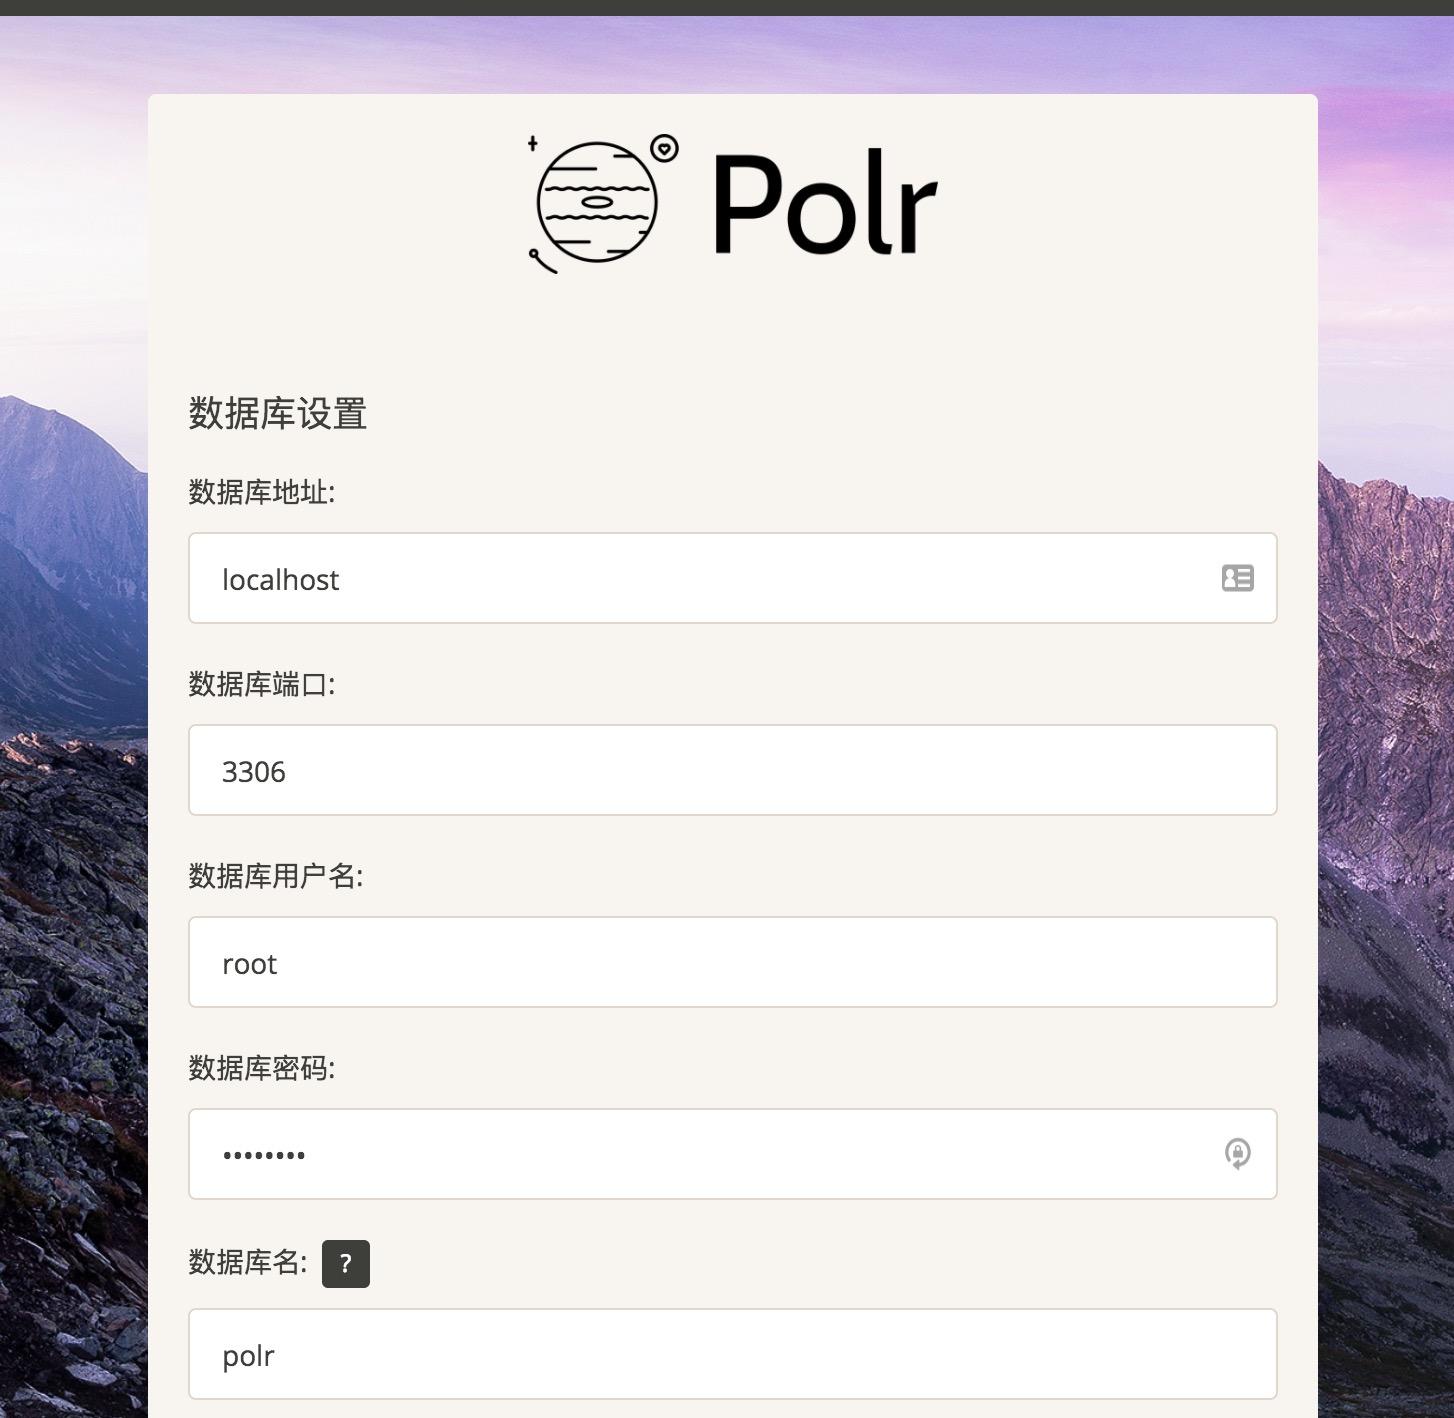 使用 Polr 搭建一个属于自己的企业级短链接工具-米饭粑